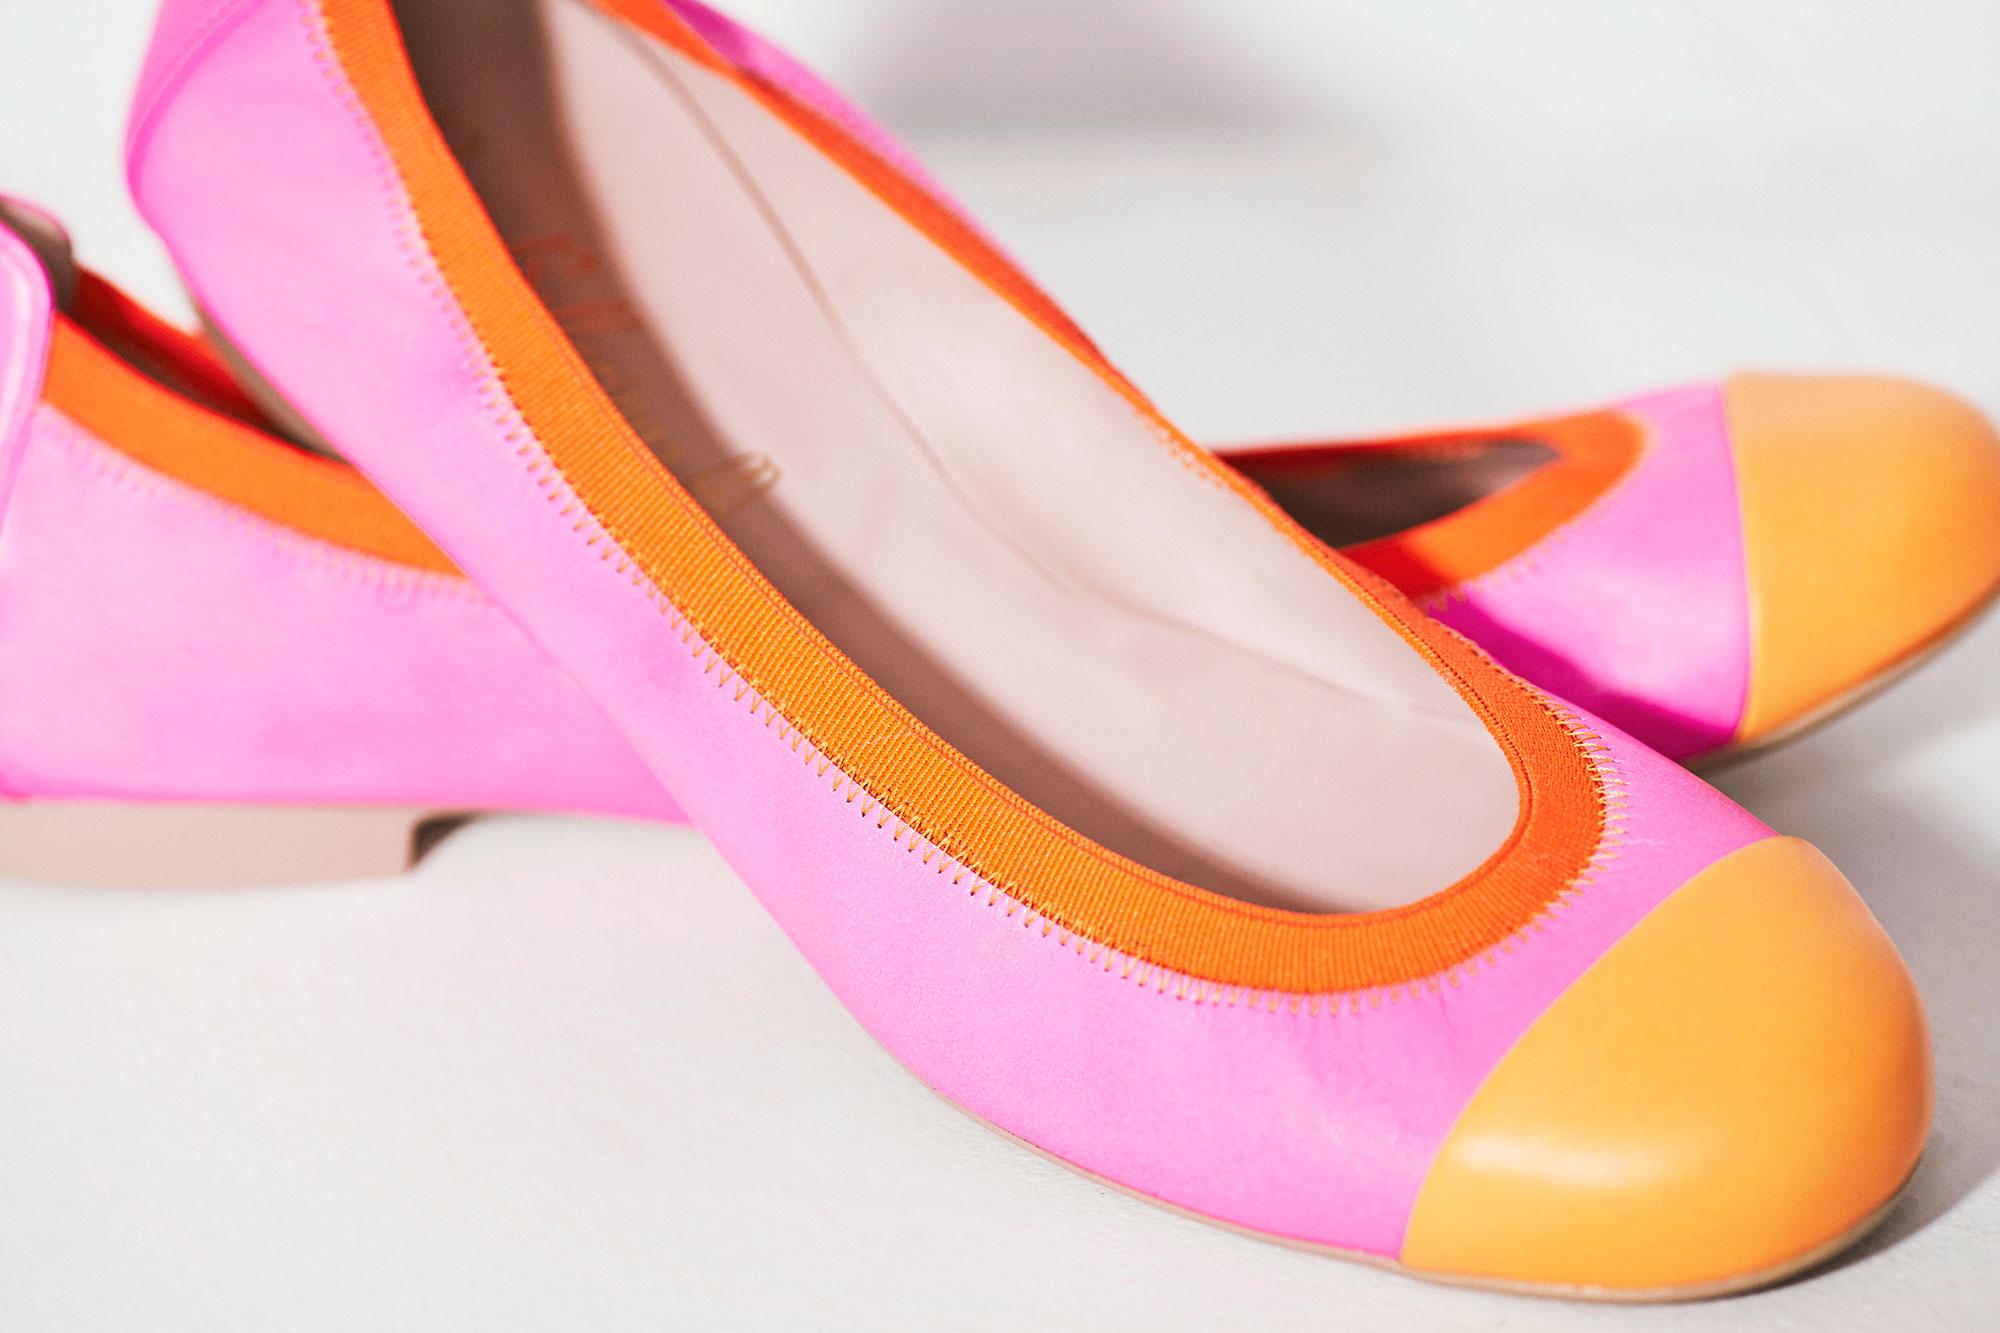 Bailarinas bicolor en rosa y naranja